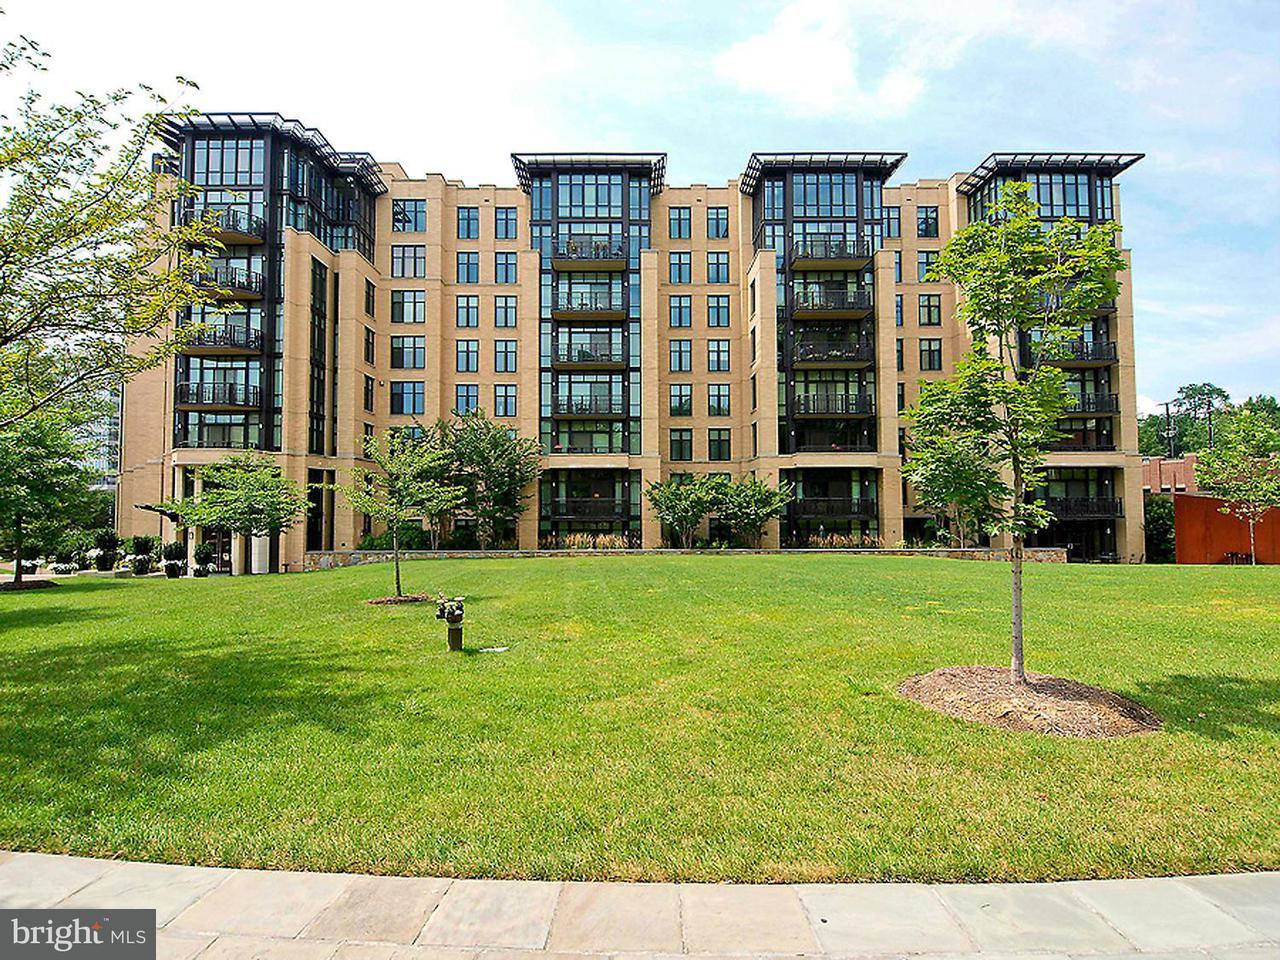 Appartement en copropriété pour l Vente à 4301 Military Rd Nw #202 4301 Military Rd Nw #202 Washington, District De Columbia 20015 États-Unis